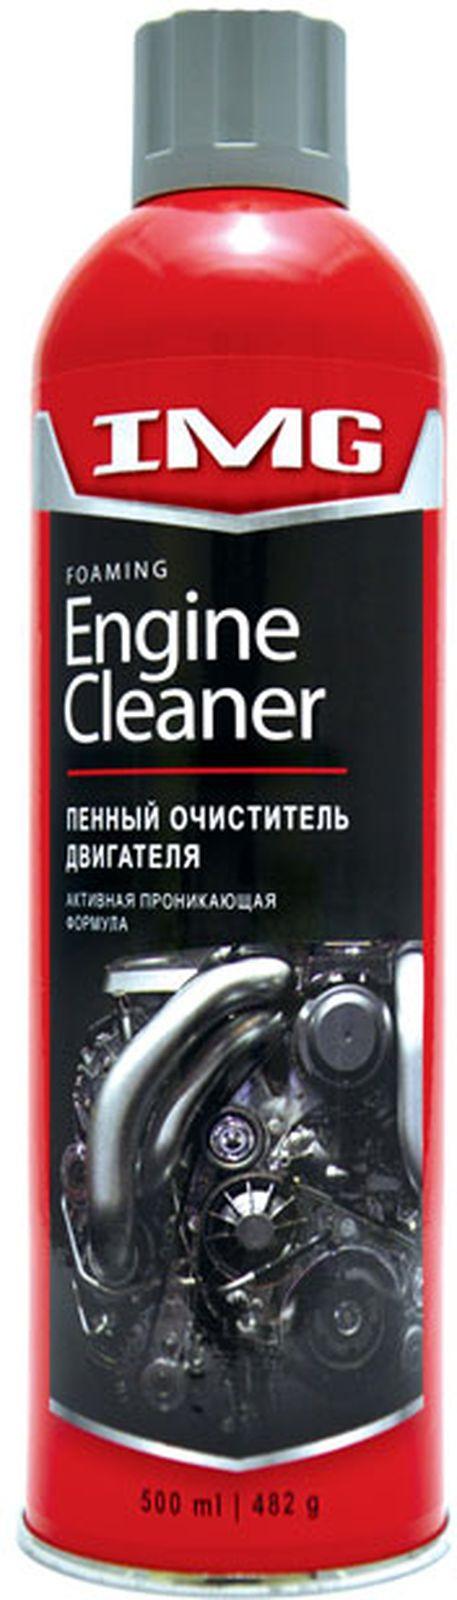 Очиститель двигателя IMG, пенный, 482 г